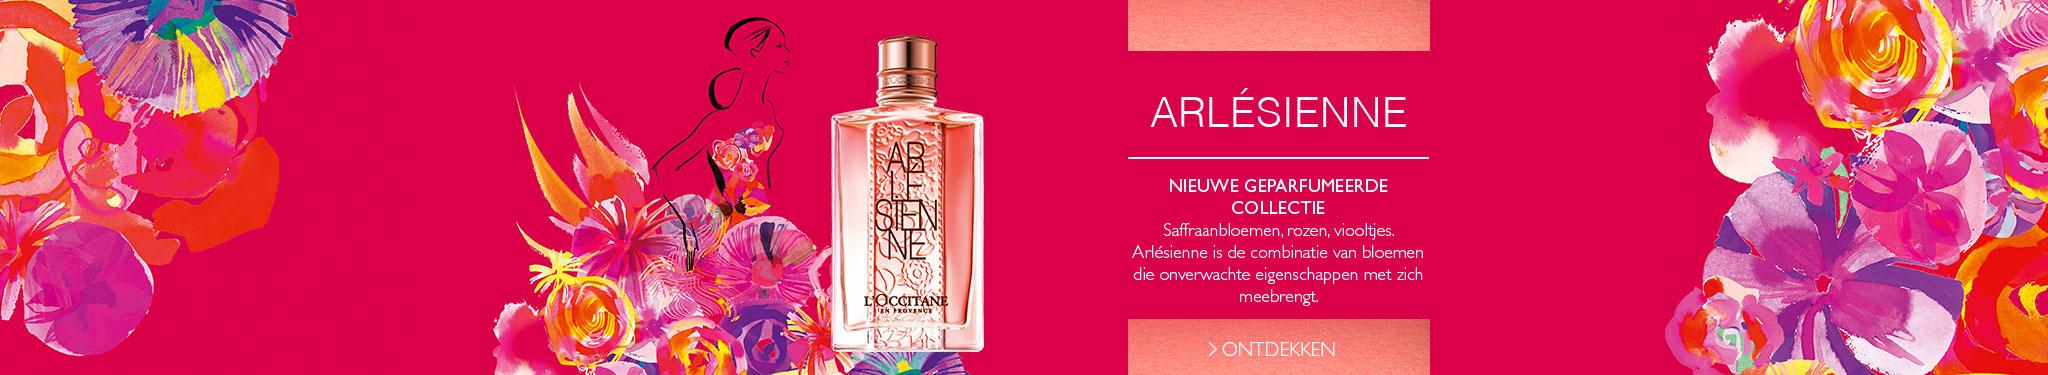 Arlesienne parfum